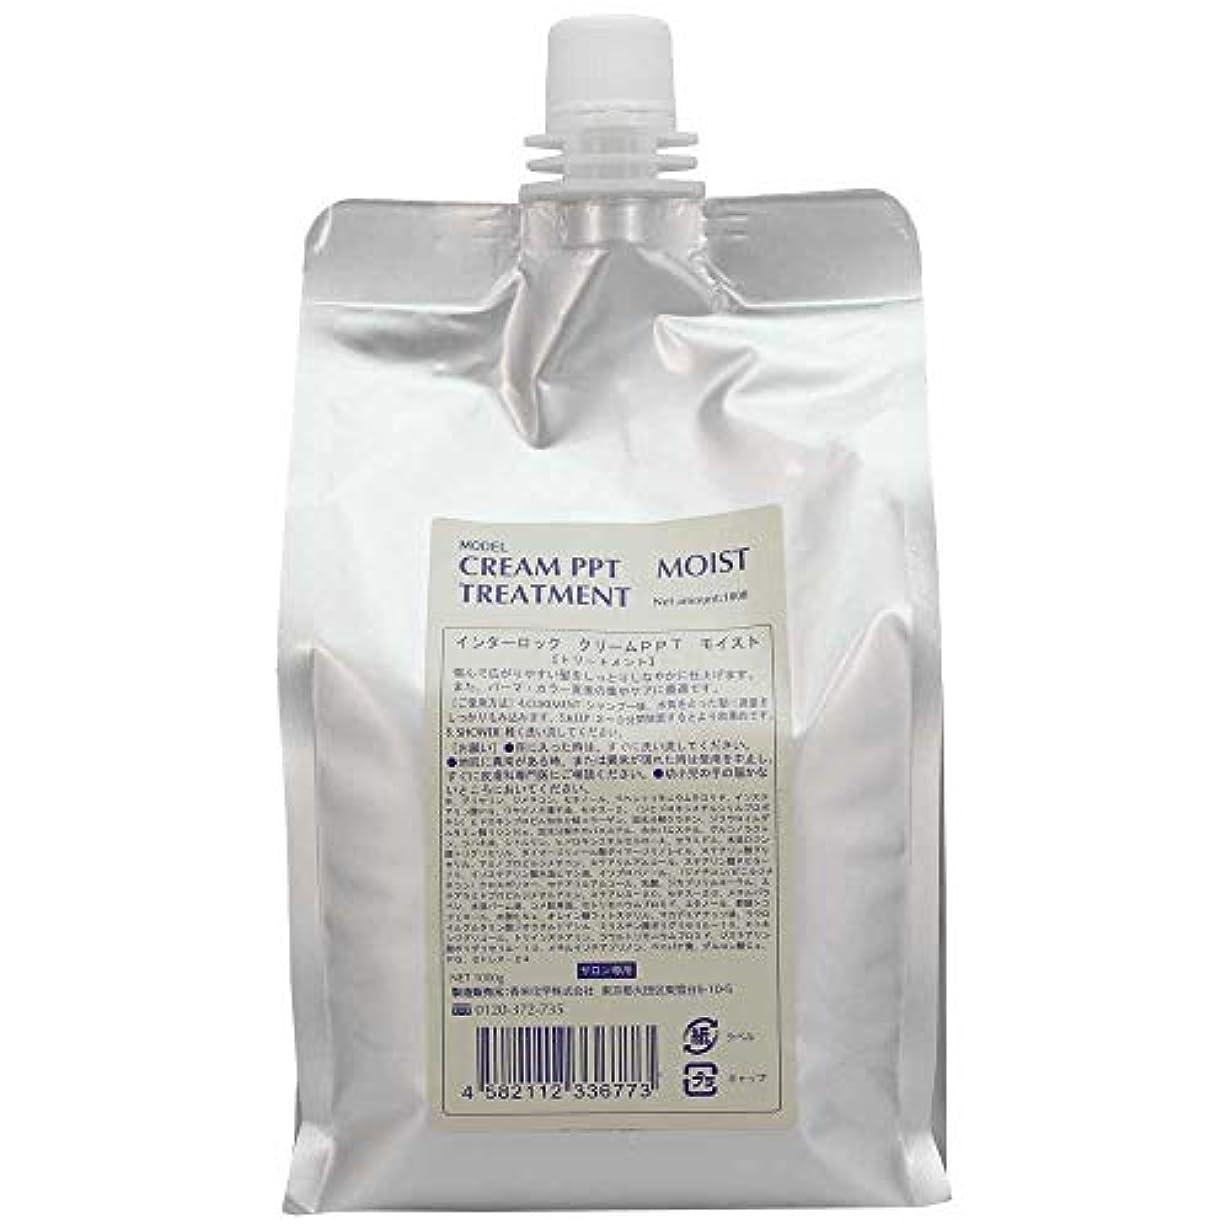 フレームワーク操るメーター香栄化学 クリームPPTモイスト 1000g 詰め替え (トリートメント)